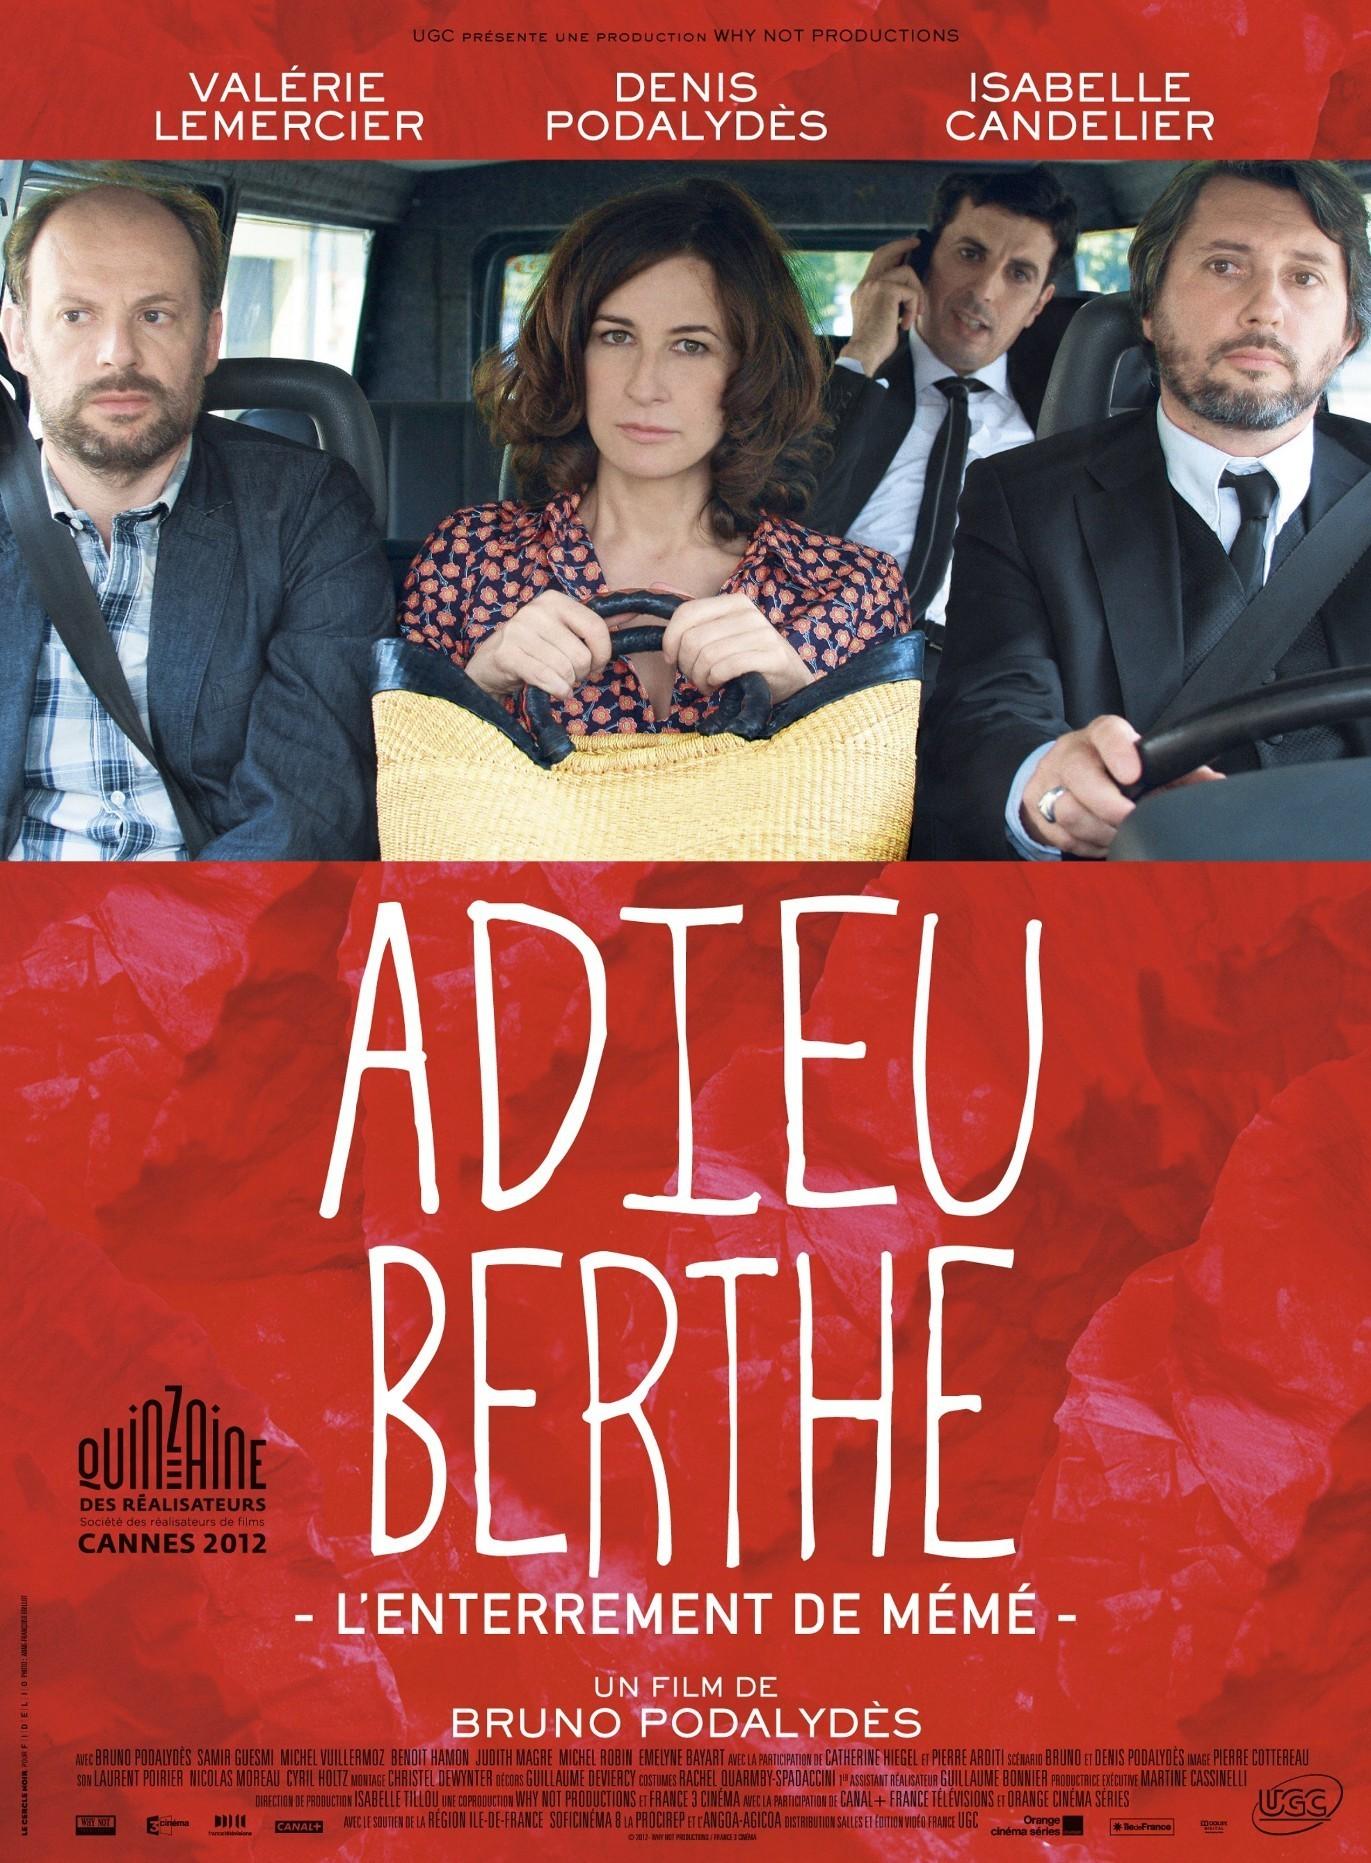 affiche du film Adieu Berthe